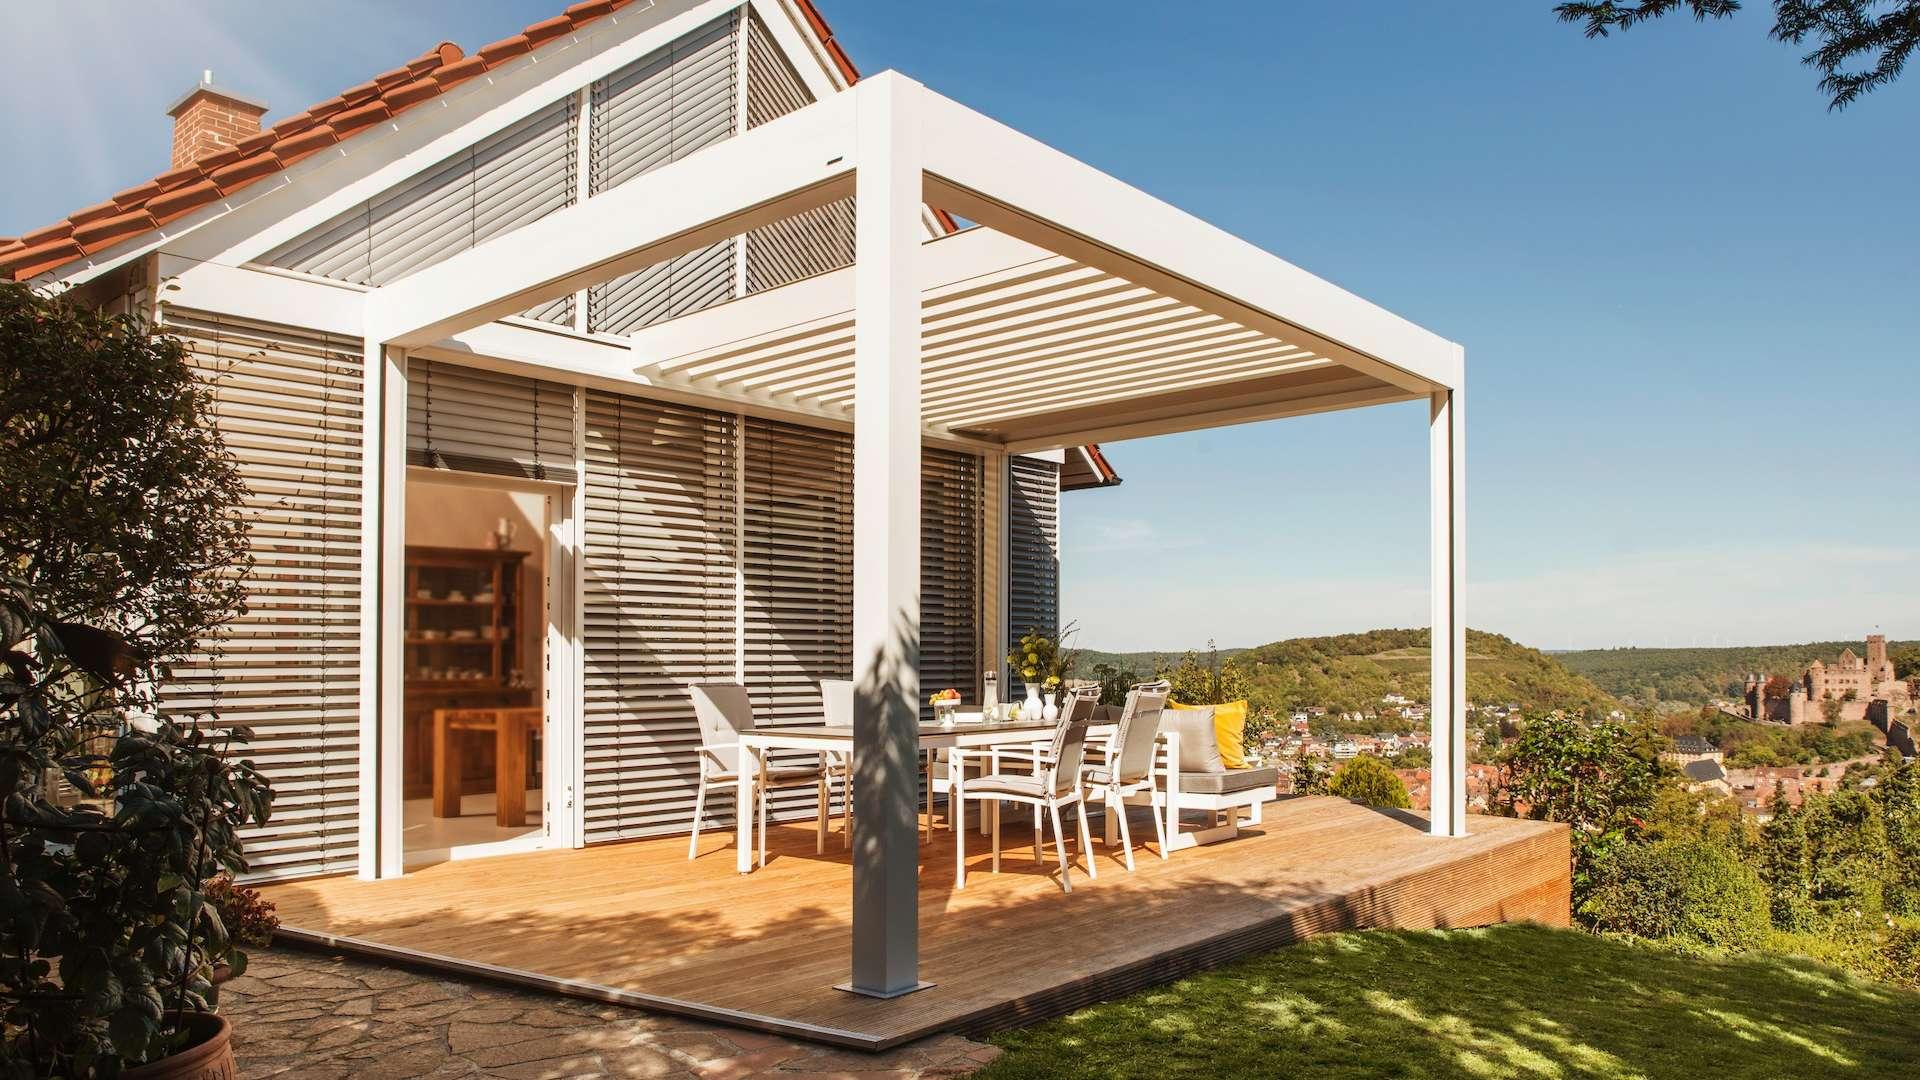 Lamellendach mit eingefahrenen Lamellen an einem Einfamilienhaus